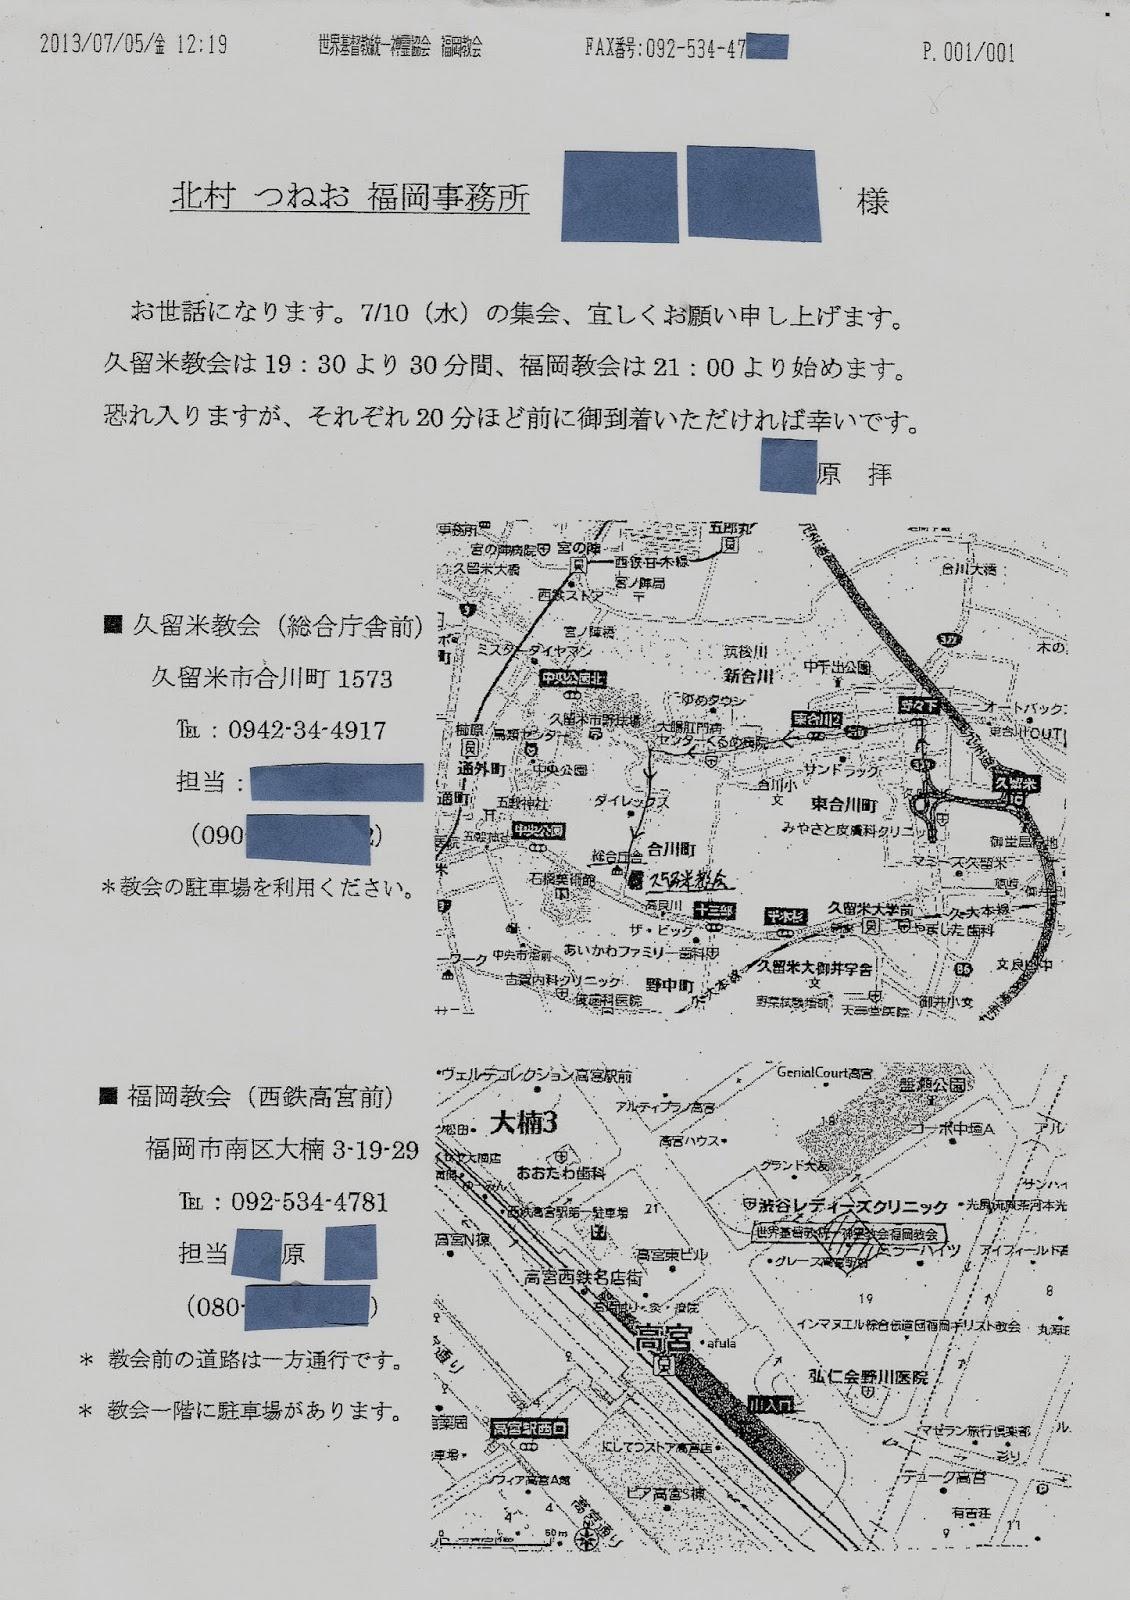 【政治】派閥・後ろ盾なく…菅官房長官の在任、歴代3位 存在感増す©2ch.net ->画像>5枚